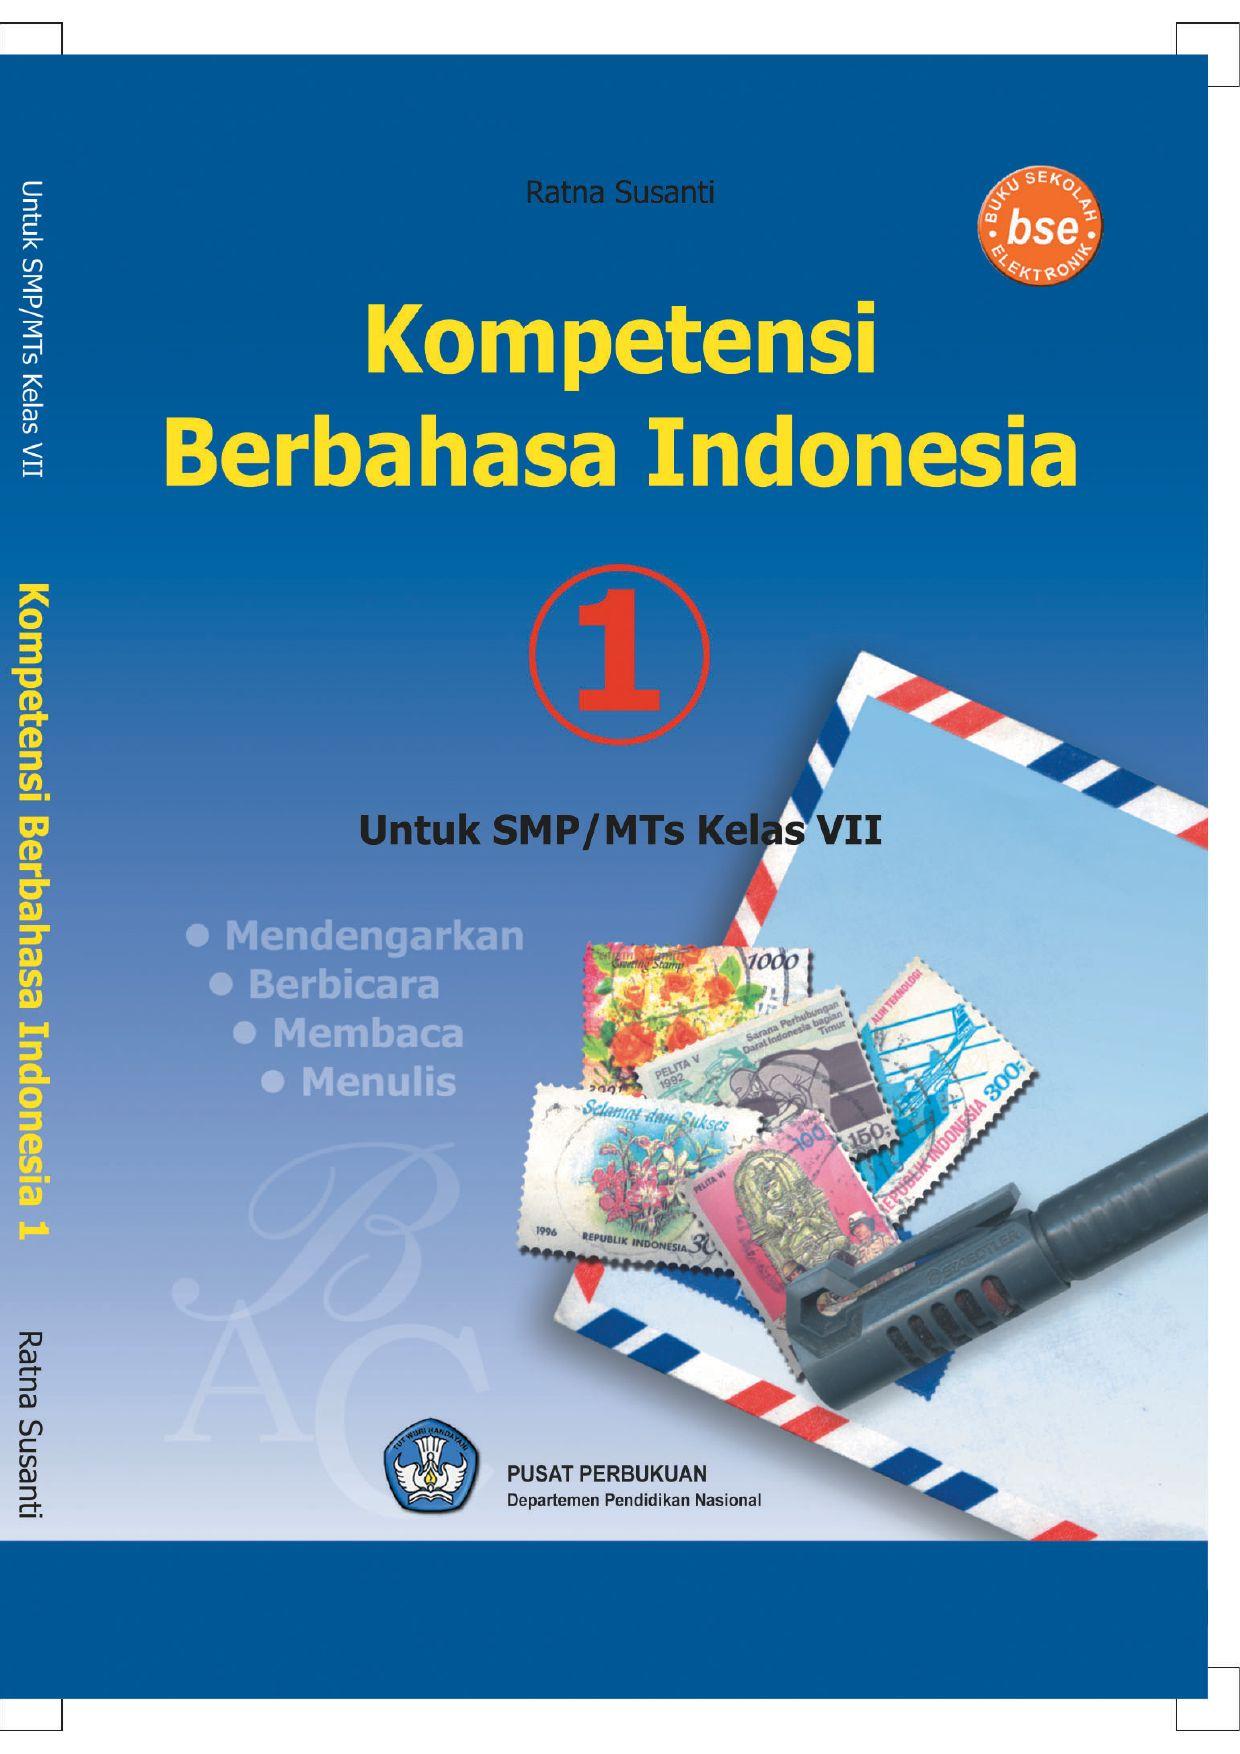 Kelas07 Kompetensi Berbahasa Indonesia 1 Ratna Susanti By S Van Selagan Issuu